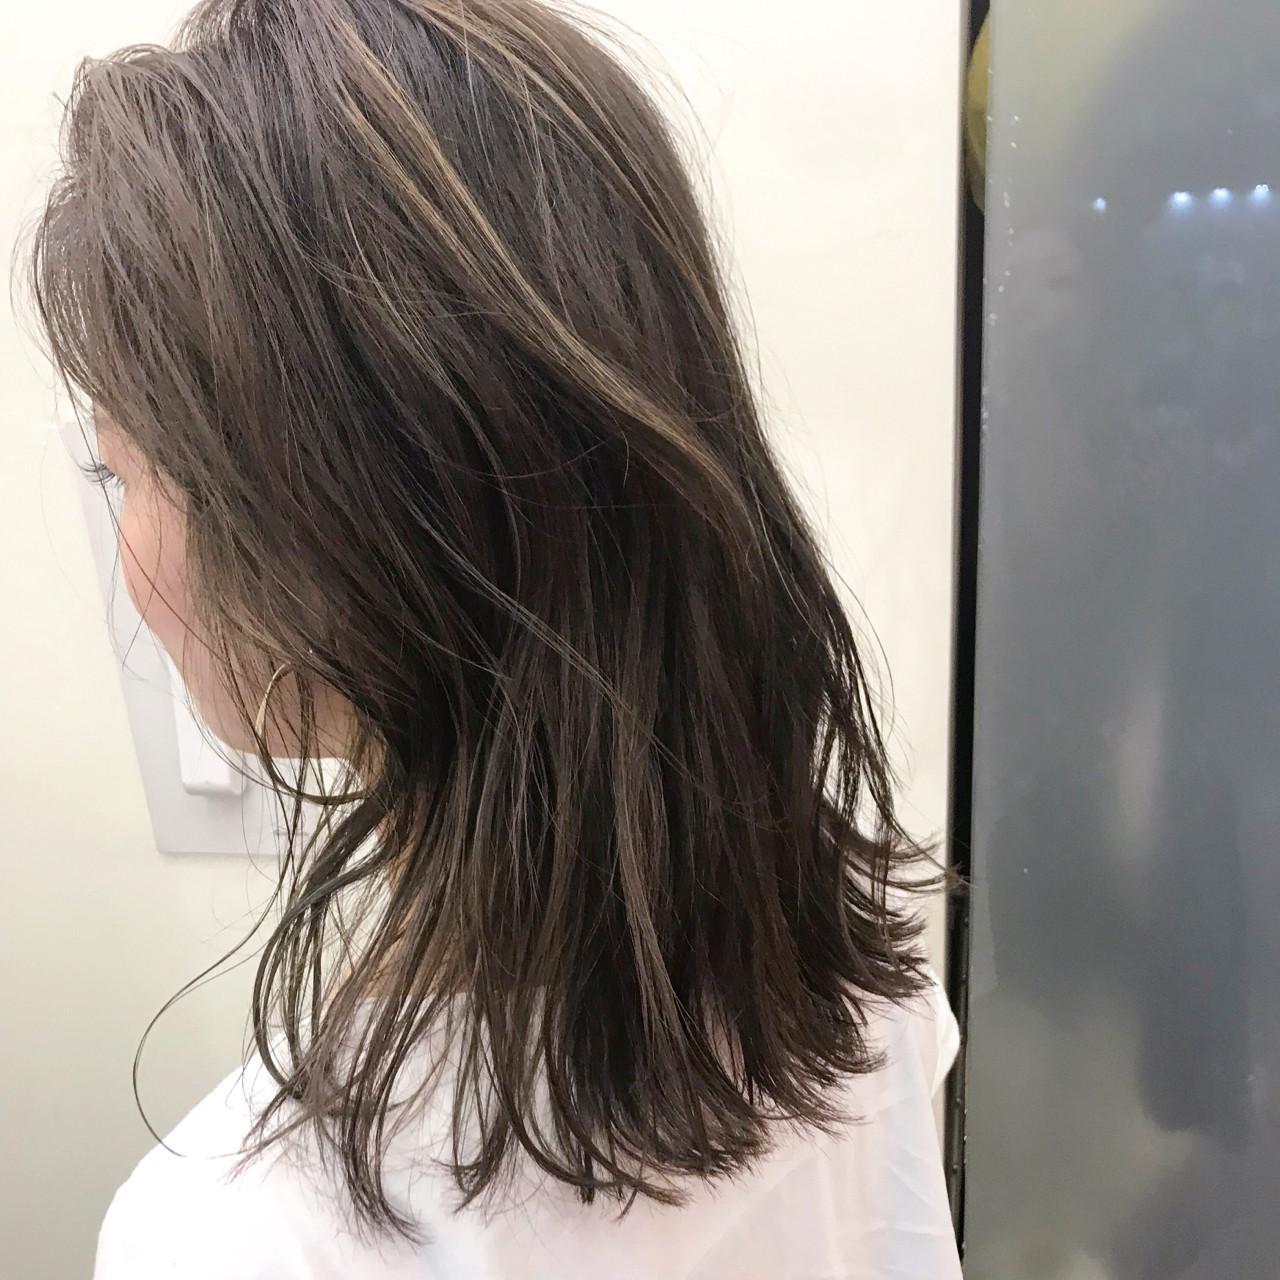 重い髪は毛先を切りっぱなしに! yumiko/sapporoSKNOW